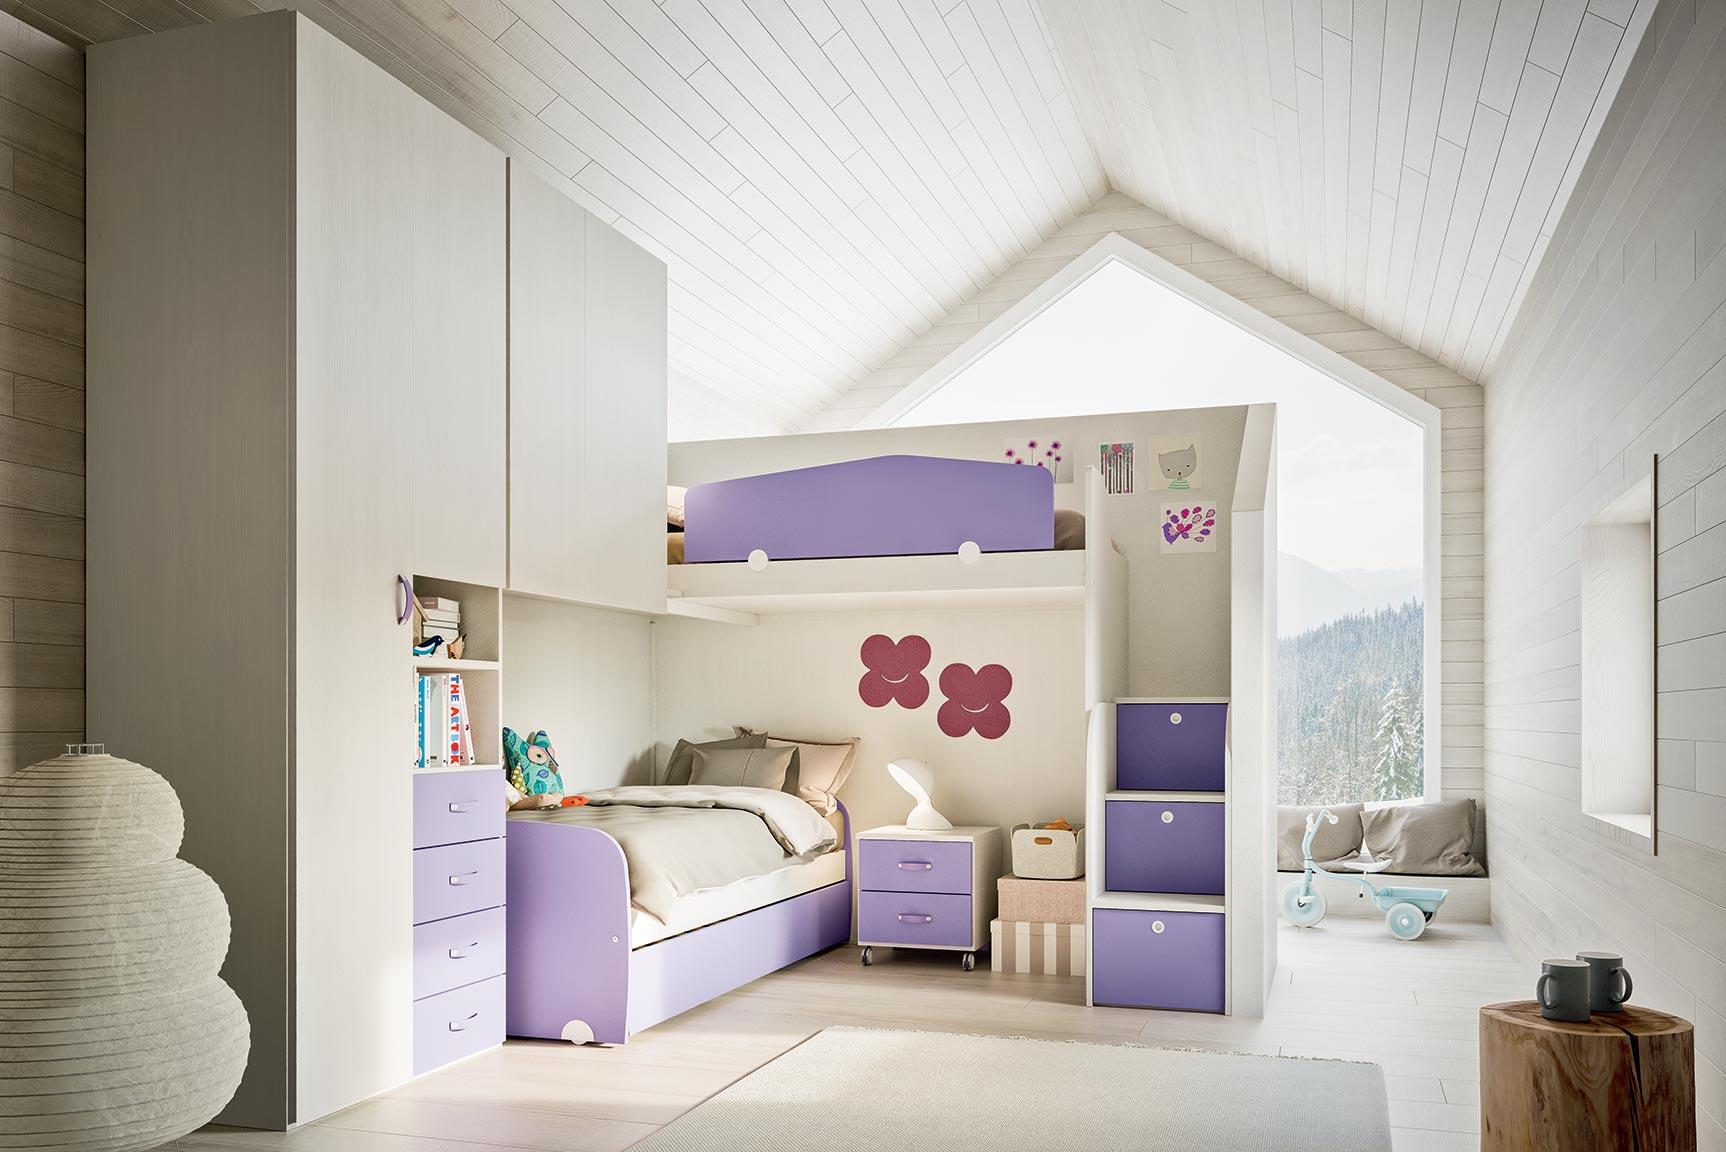 Camerette A 2 Letti camerette con letti a soppalco | mab home furniture